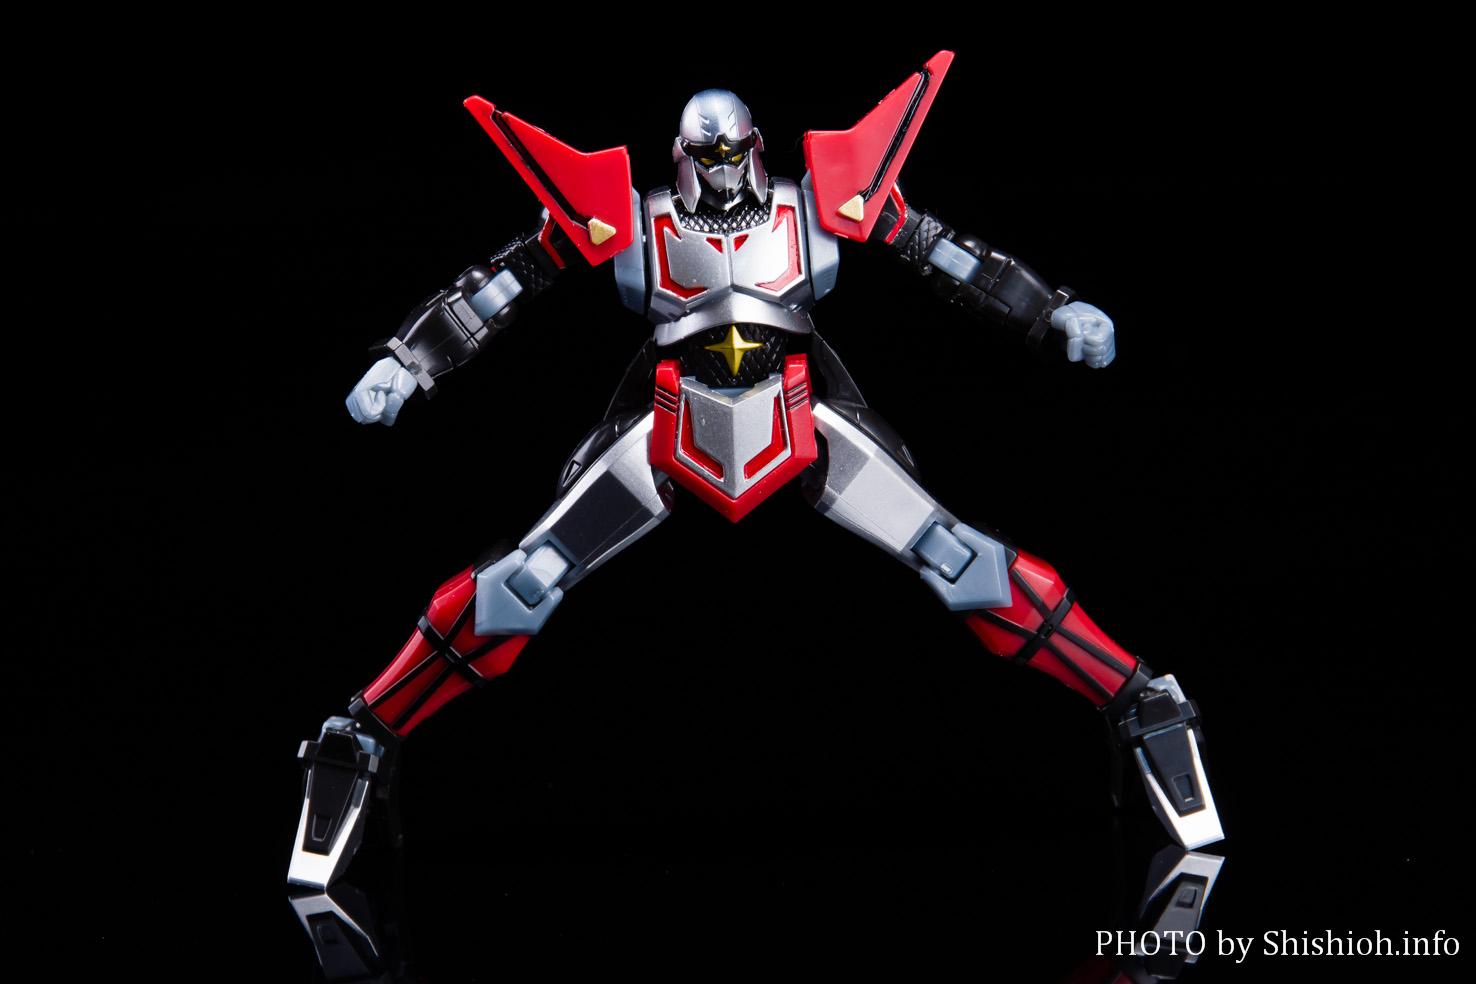 スーパーミニプラ 忍者戦士 飛影